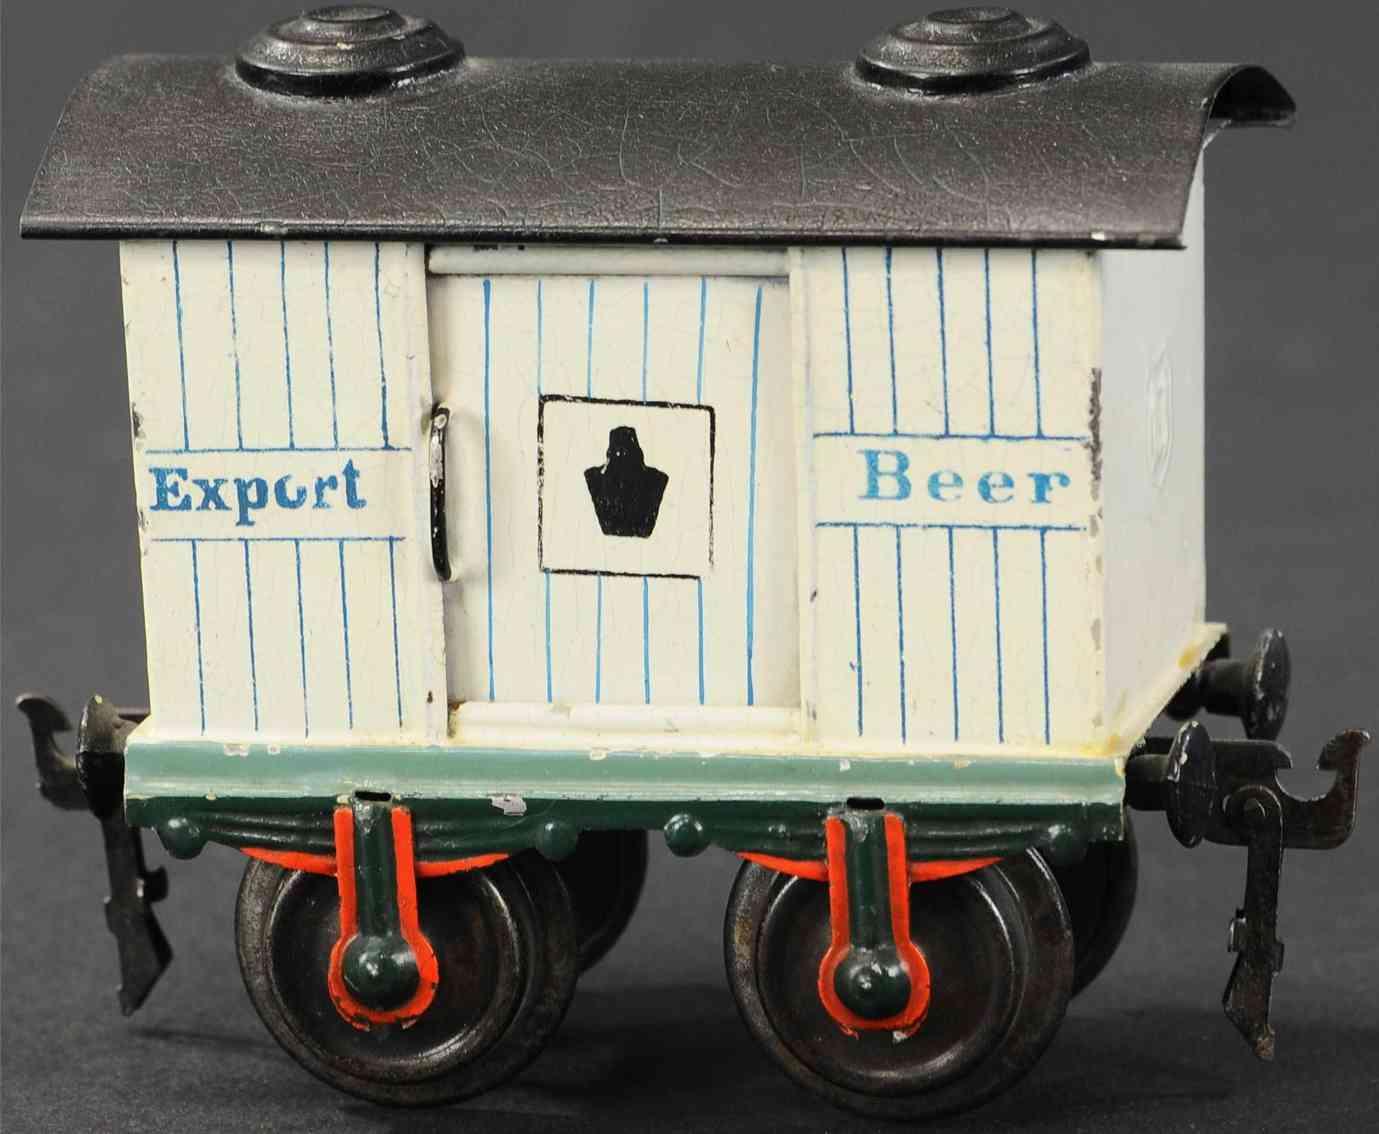 maerklin 1808/1 spielzeug eisenbahn bierwagen spur 1